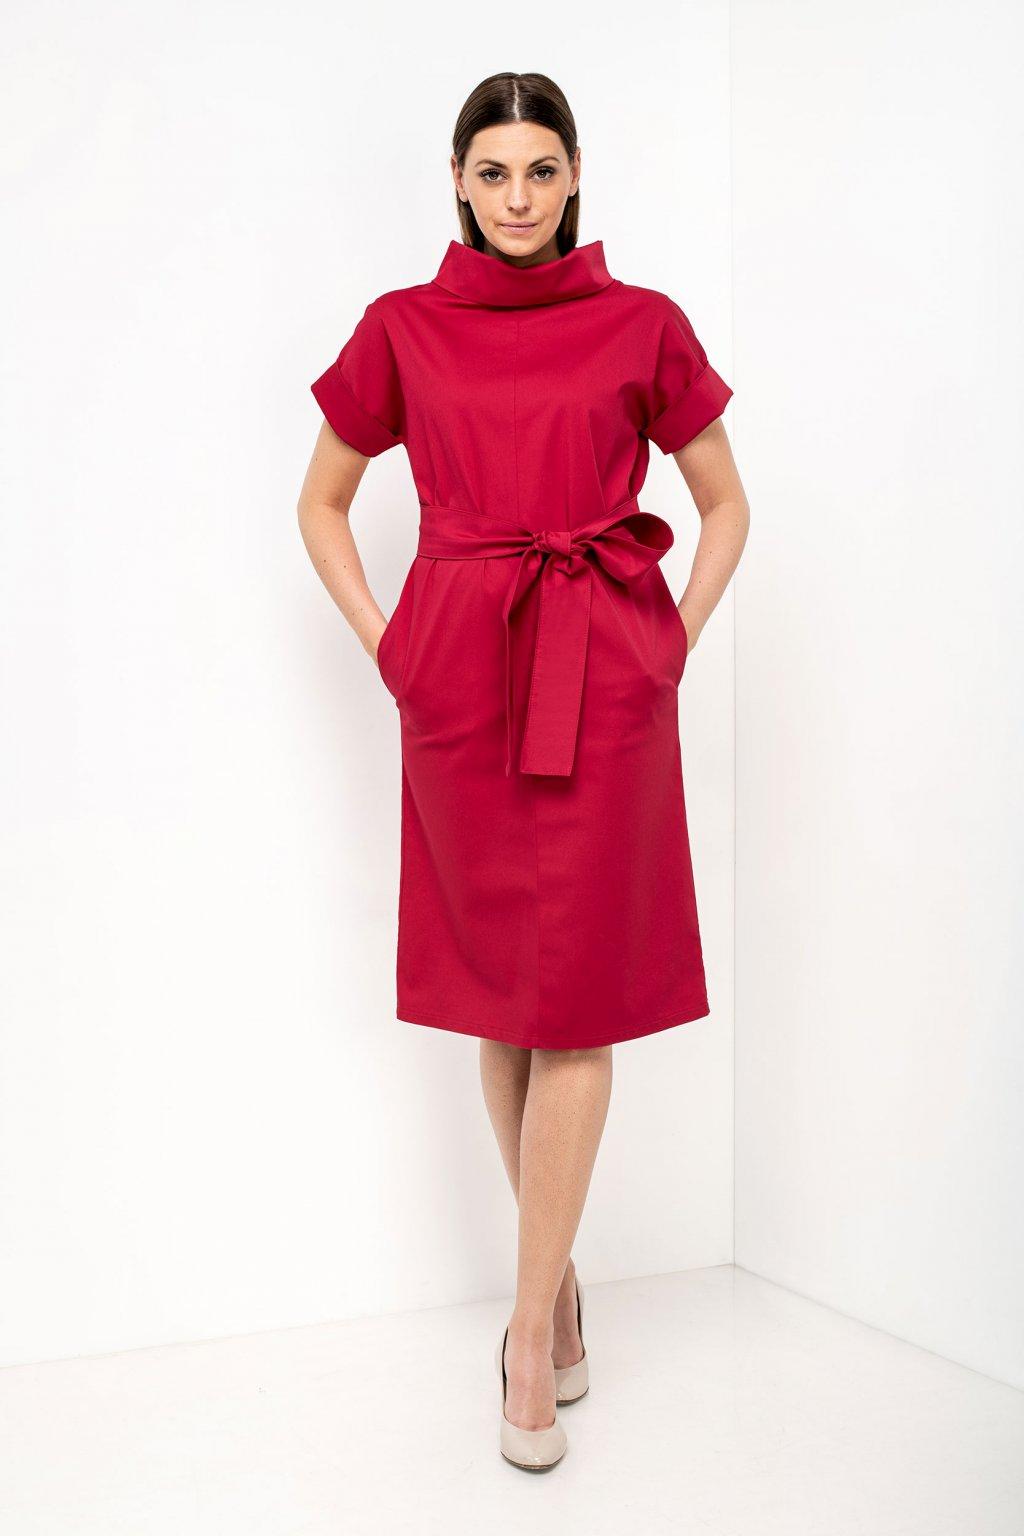 ZIK Šaty s ovinovacími rukávmi a golierom červené(2)